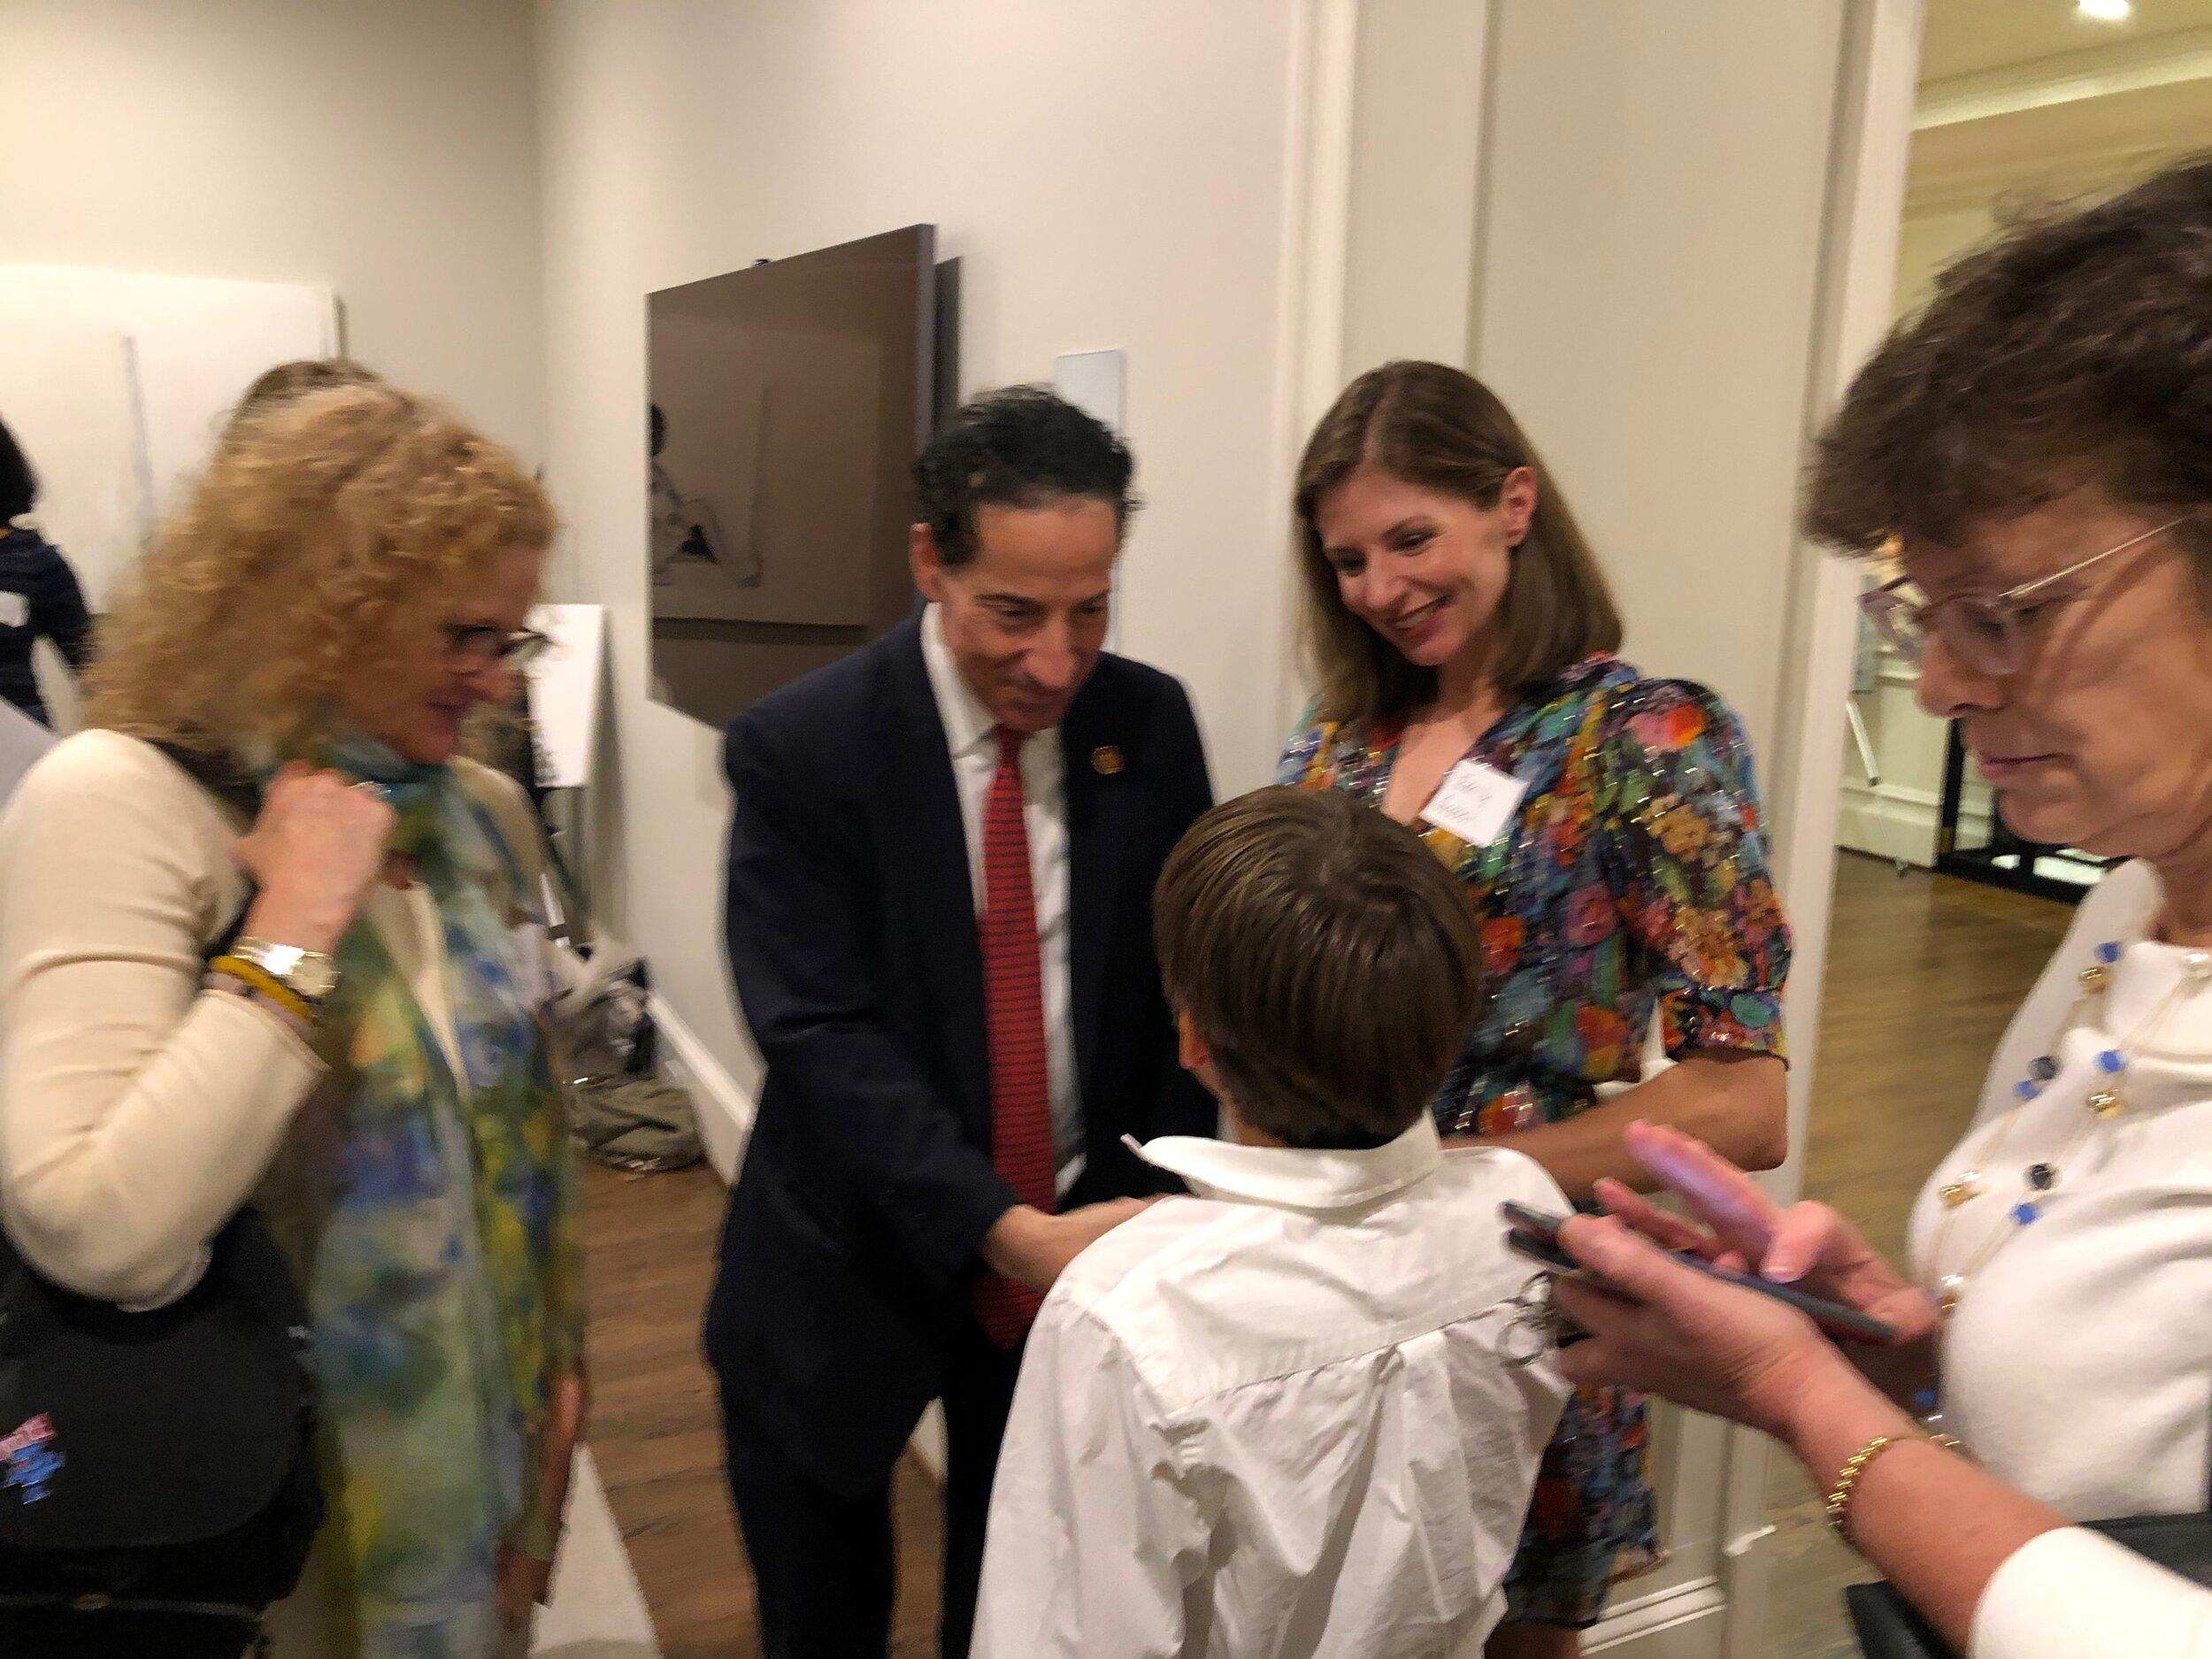 Ol loved meeting Rep Raskin too!